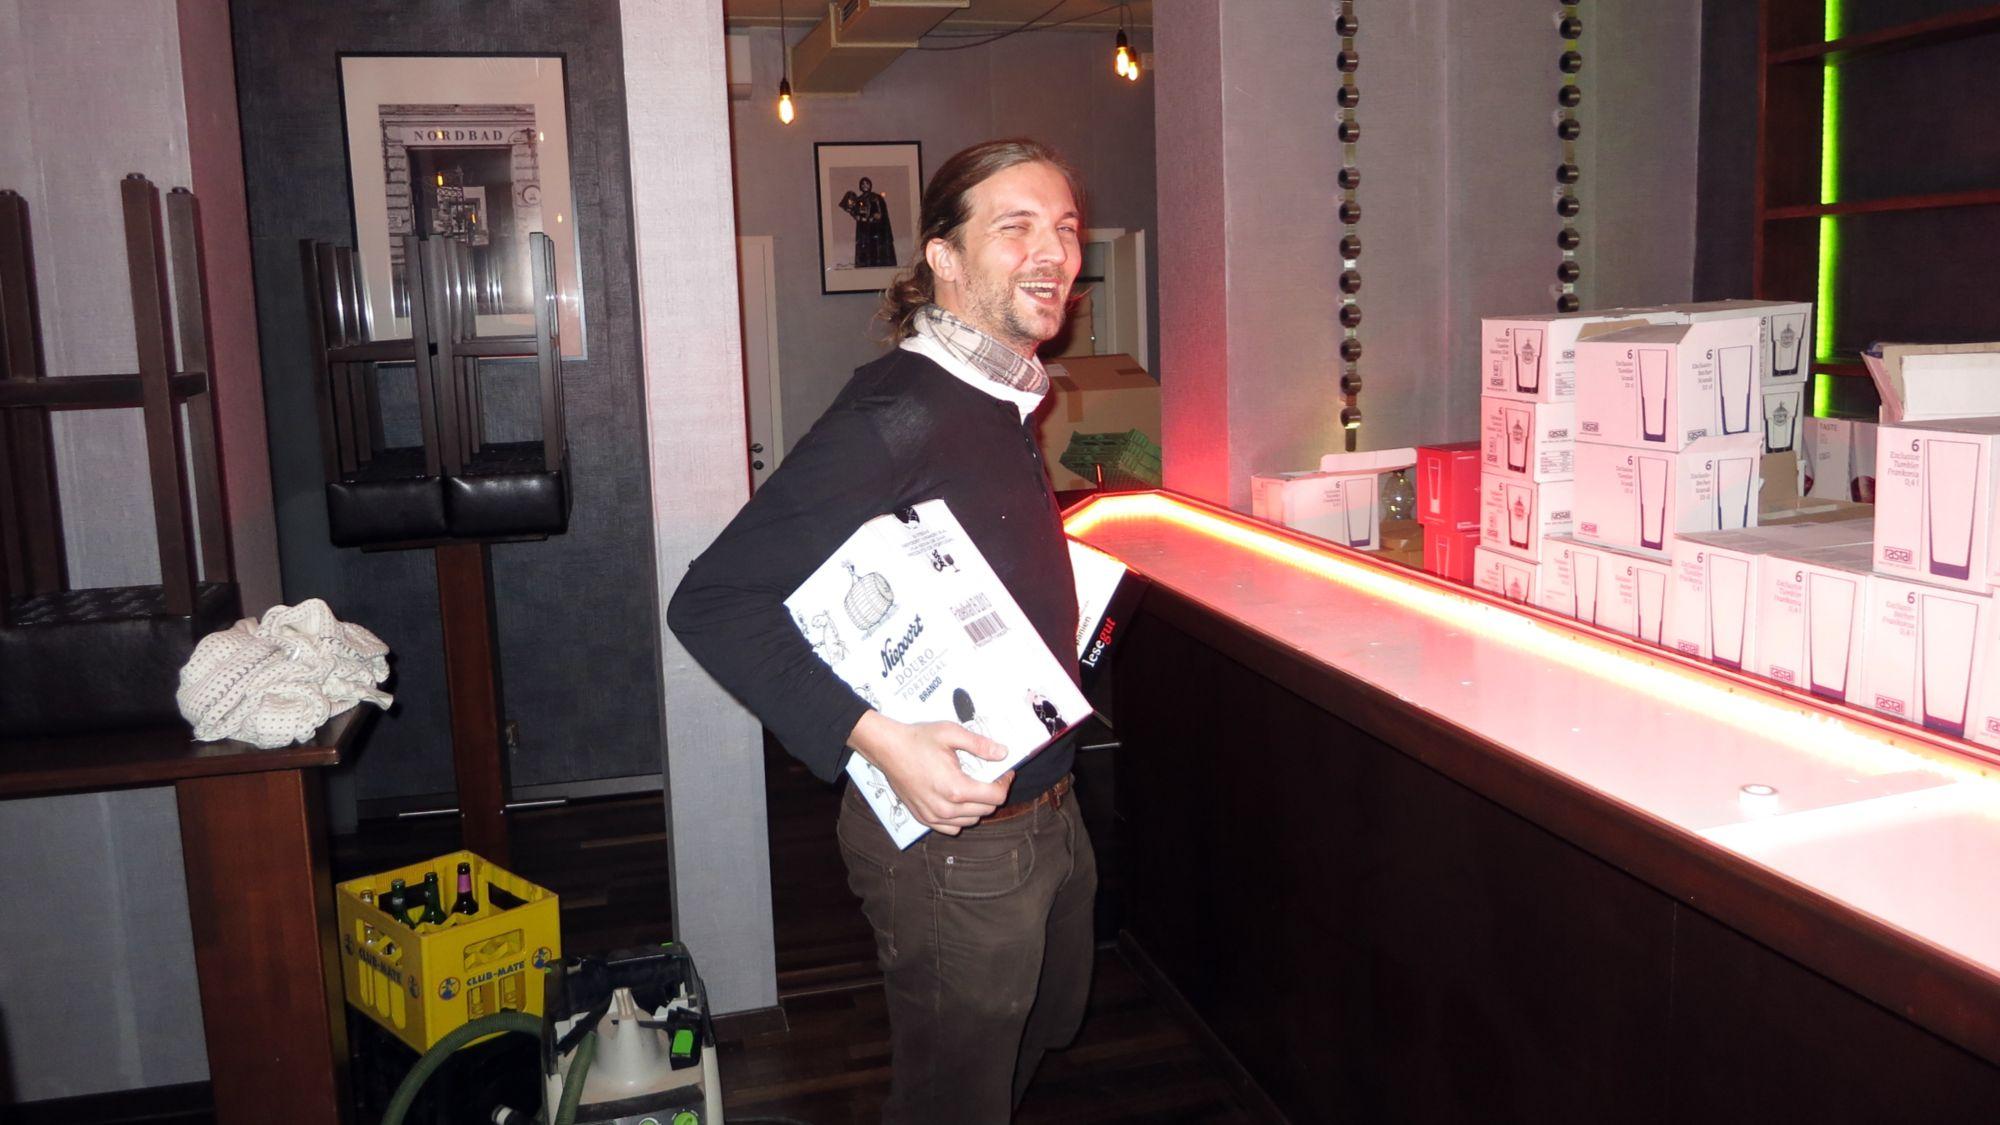 Chef-Barkeeper Max kann lachen, das meiste ist geschafft. Morgen wird eröffnet.